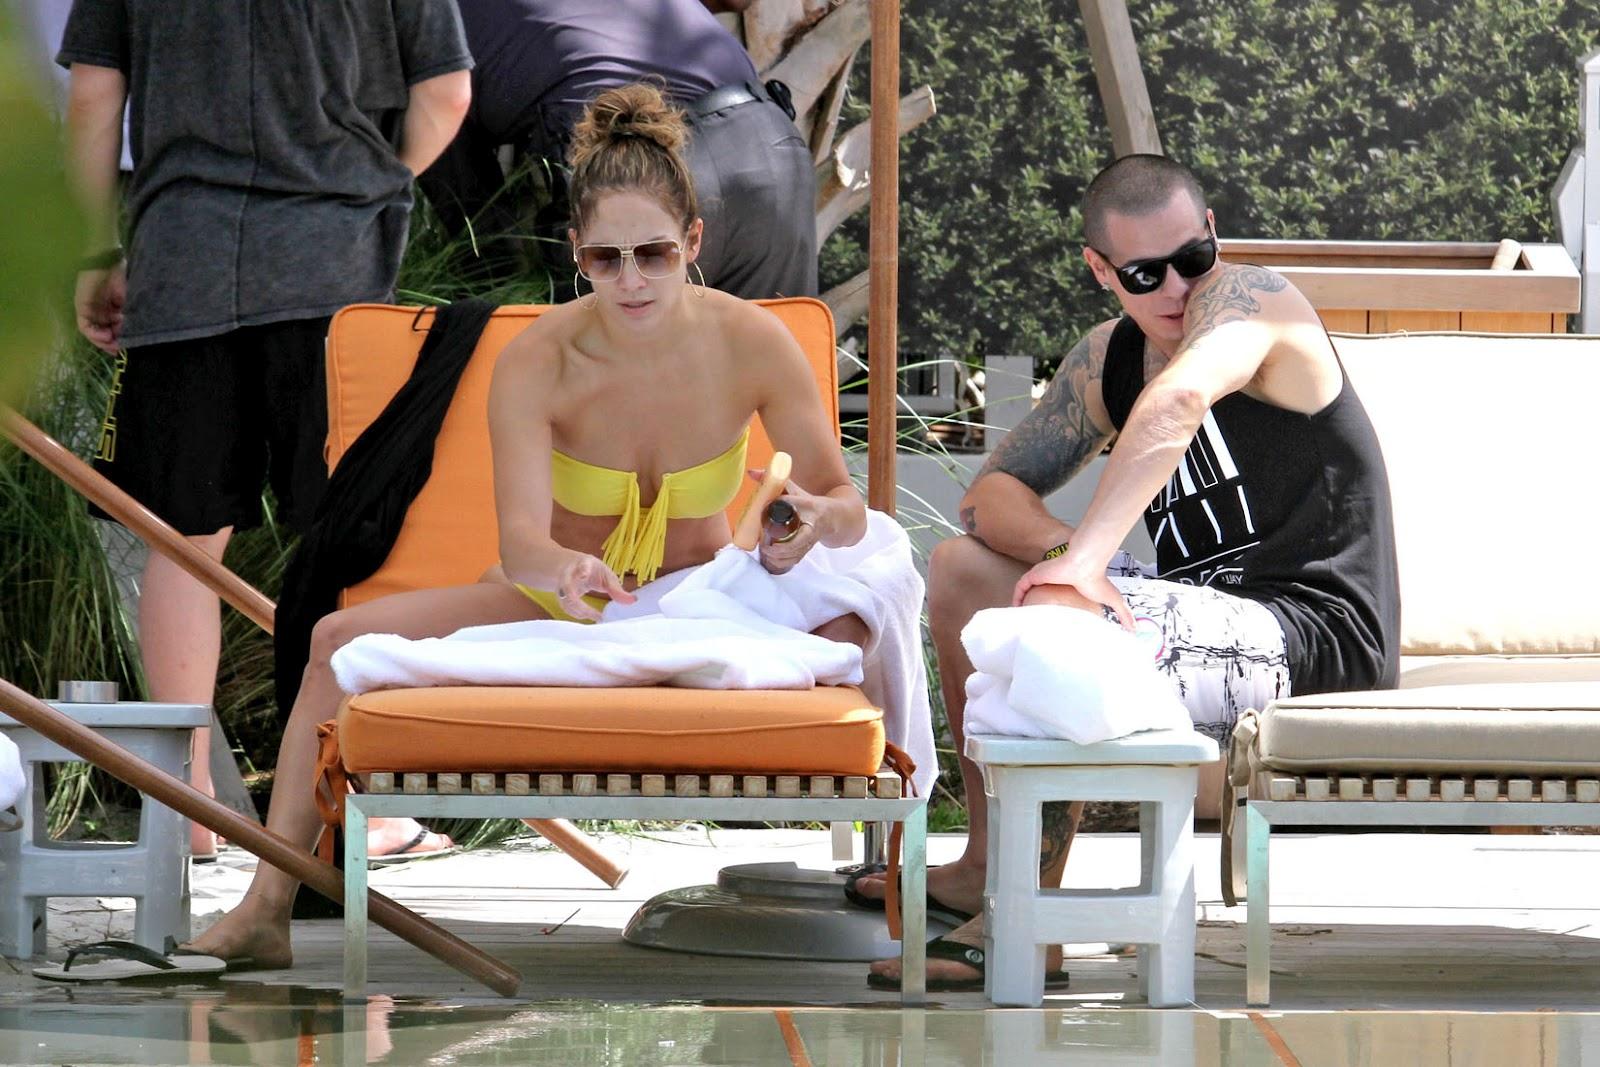 http://1.bp.blogspot.com/-qtsyOJCAloE/UEEG5QfKmVI/AAAAAAAAZm4/LcLfWLfwNfE/s1600/jennifer_lopez_yellow_bikini_d_15.jpg